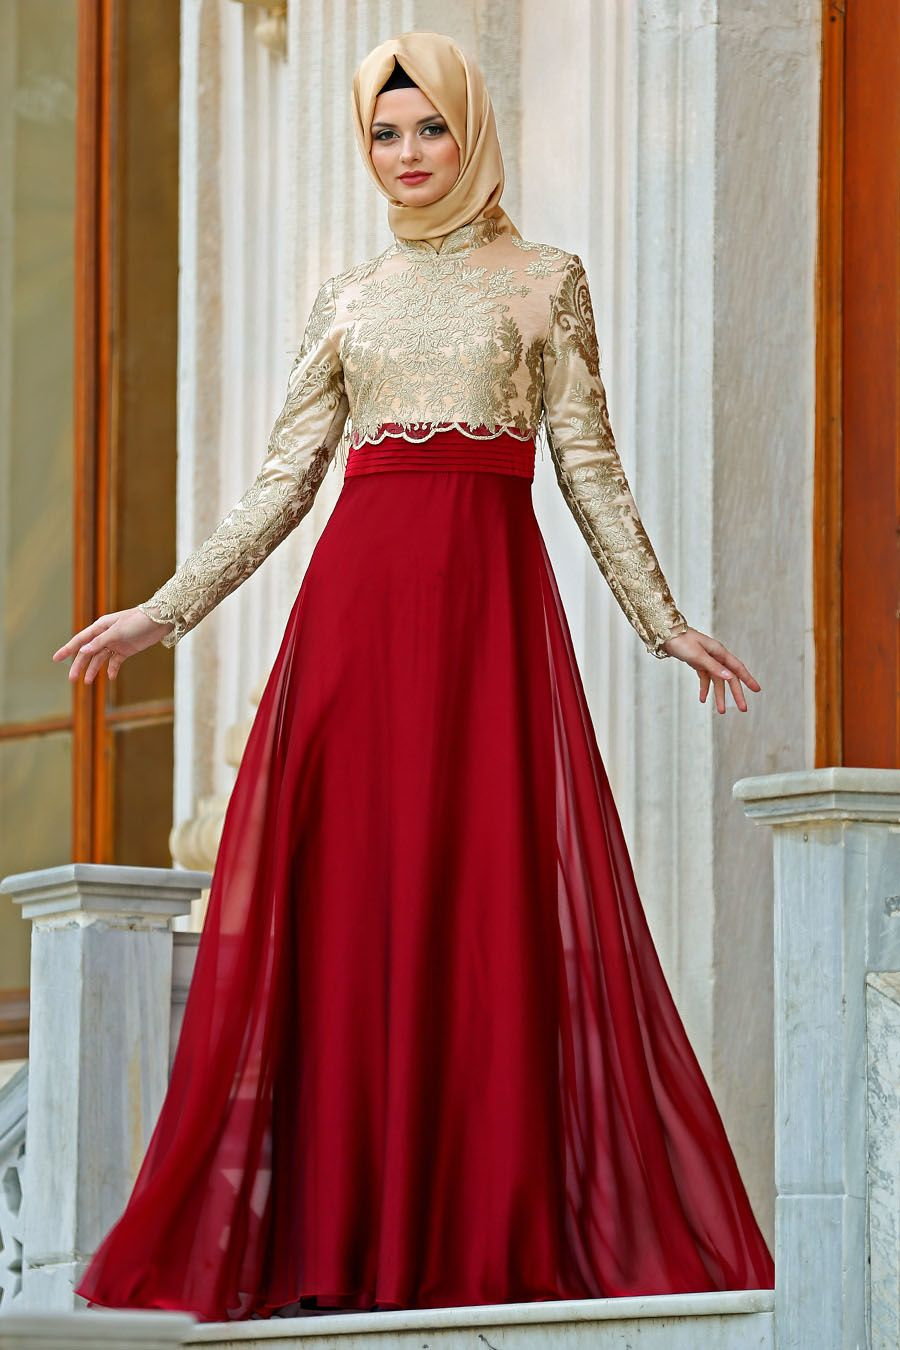 Söz İçin Tesettür Elbise Modelleri 2019